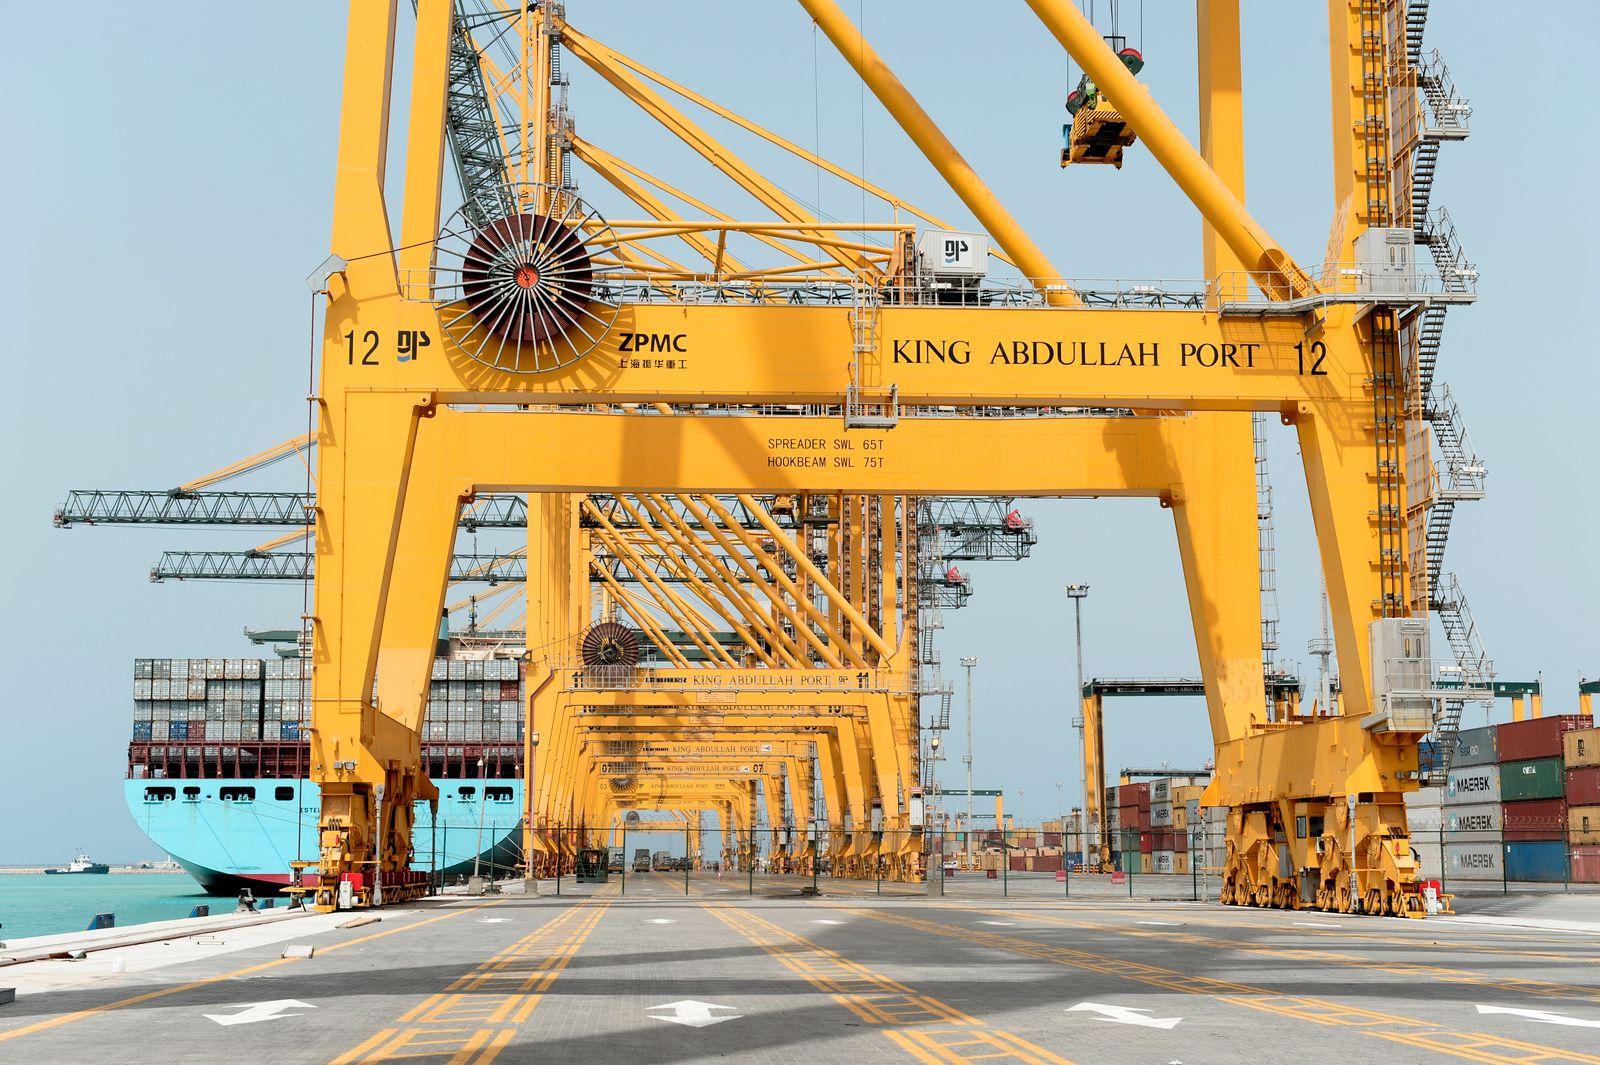 King Abdullah Port